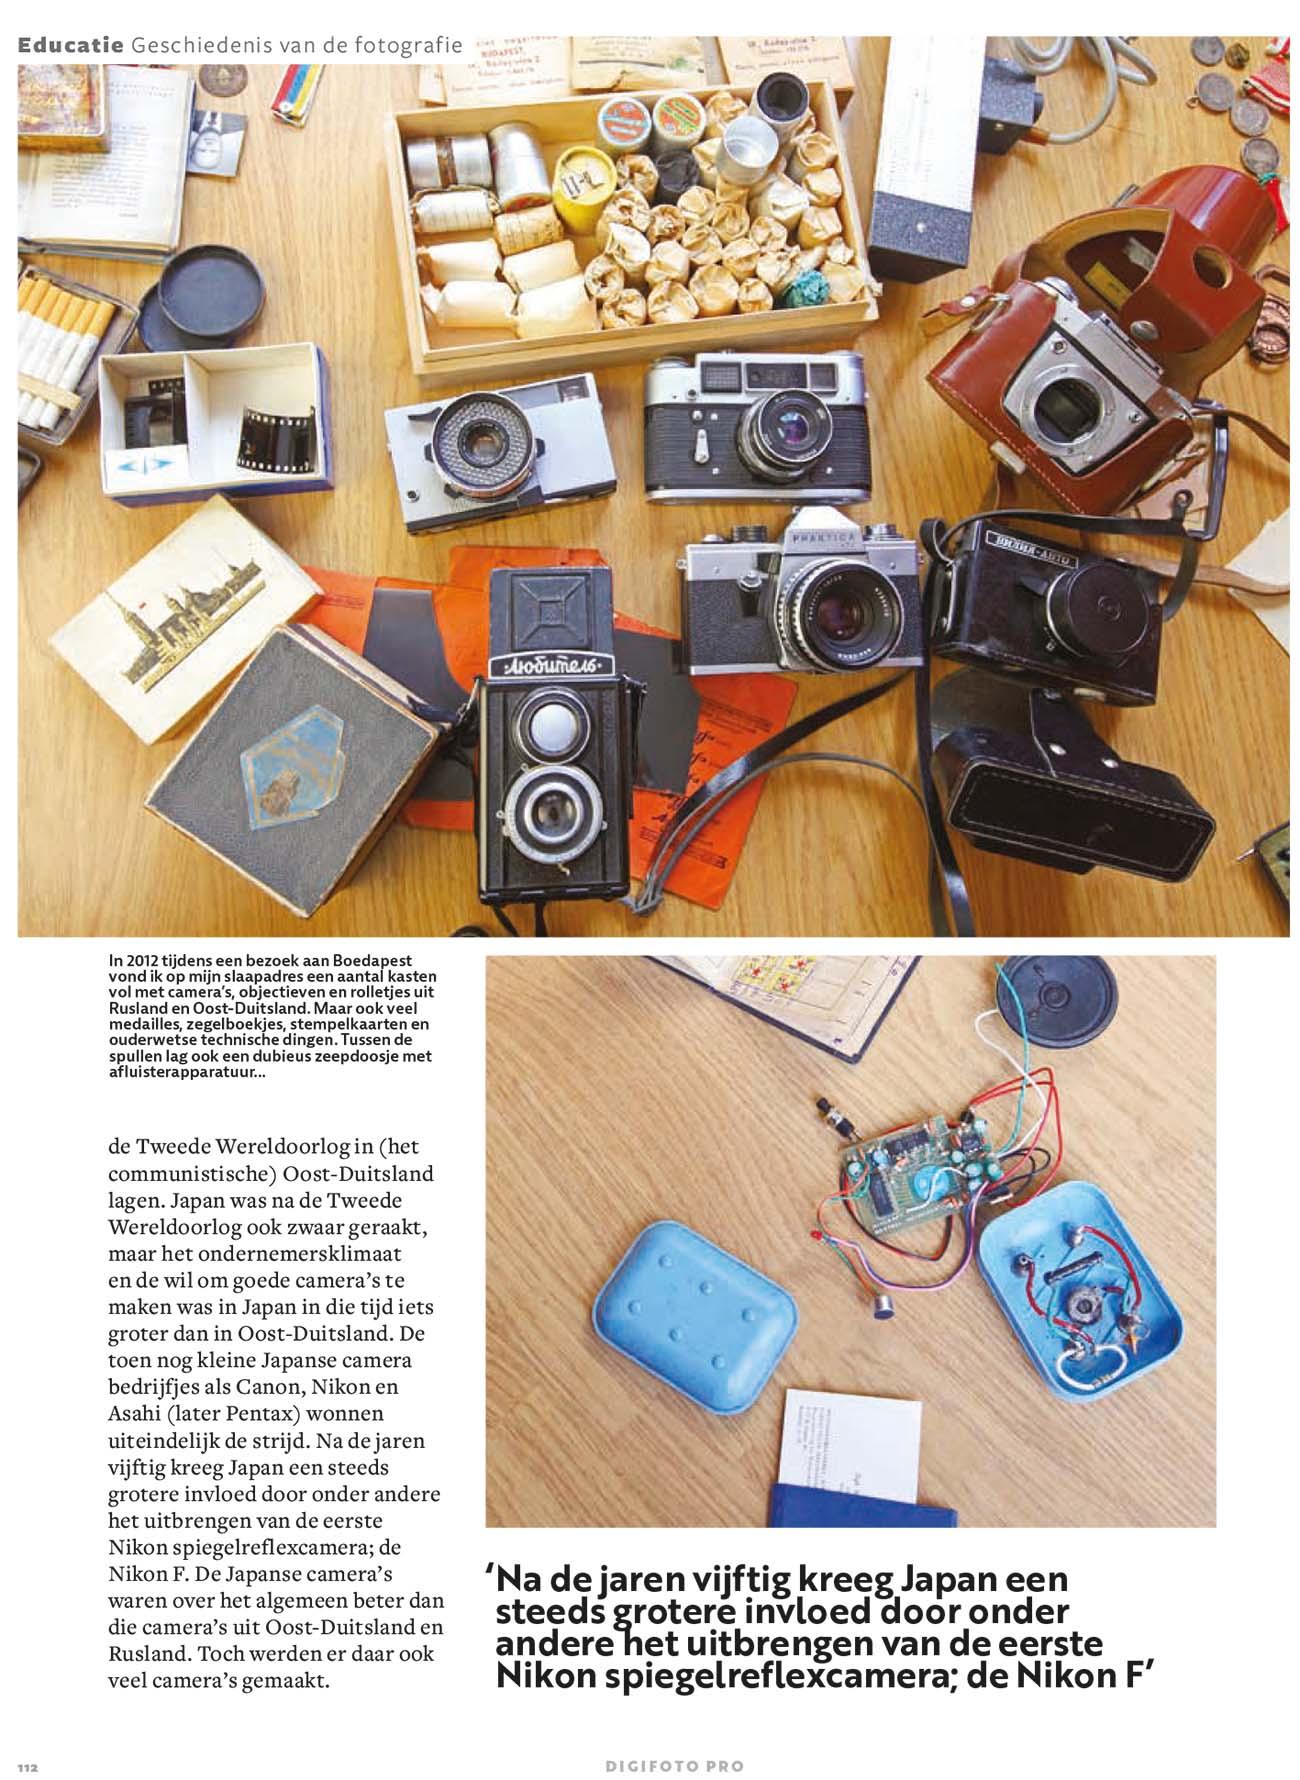 Geschiedenis van de filmrol en digitale camera